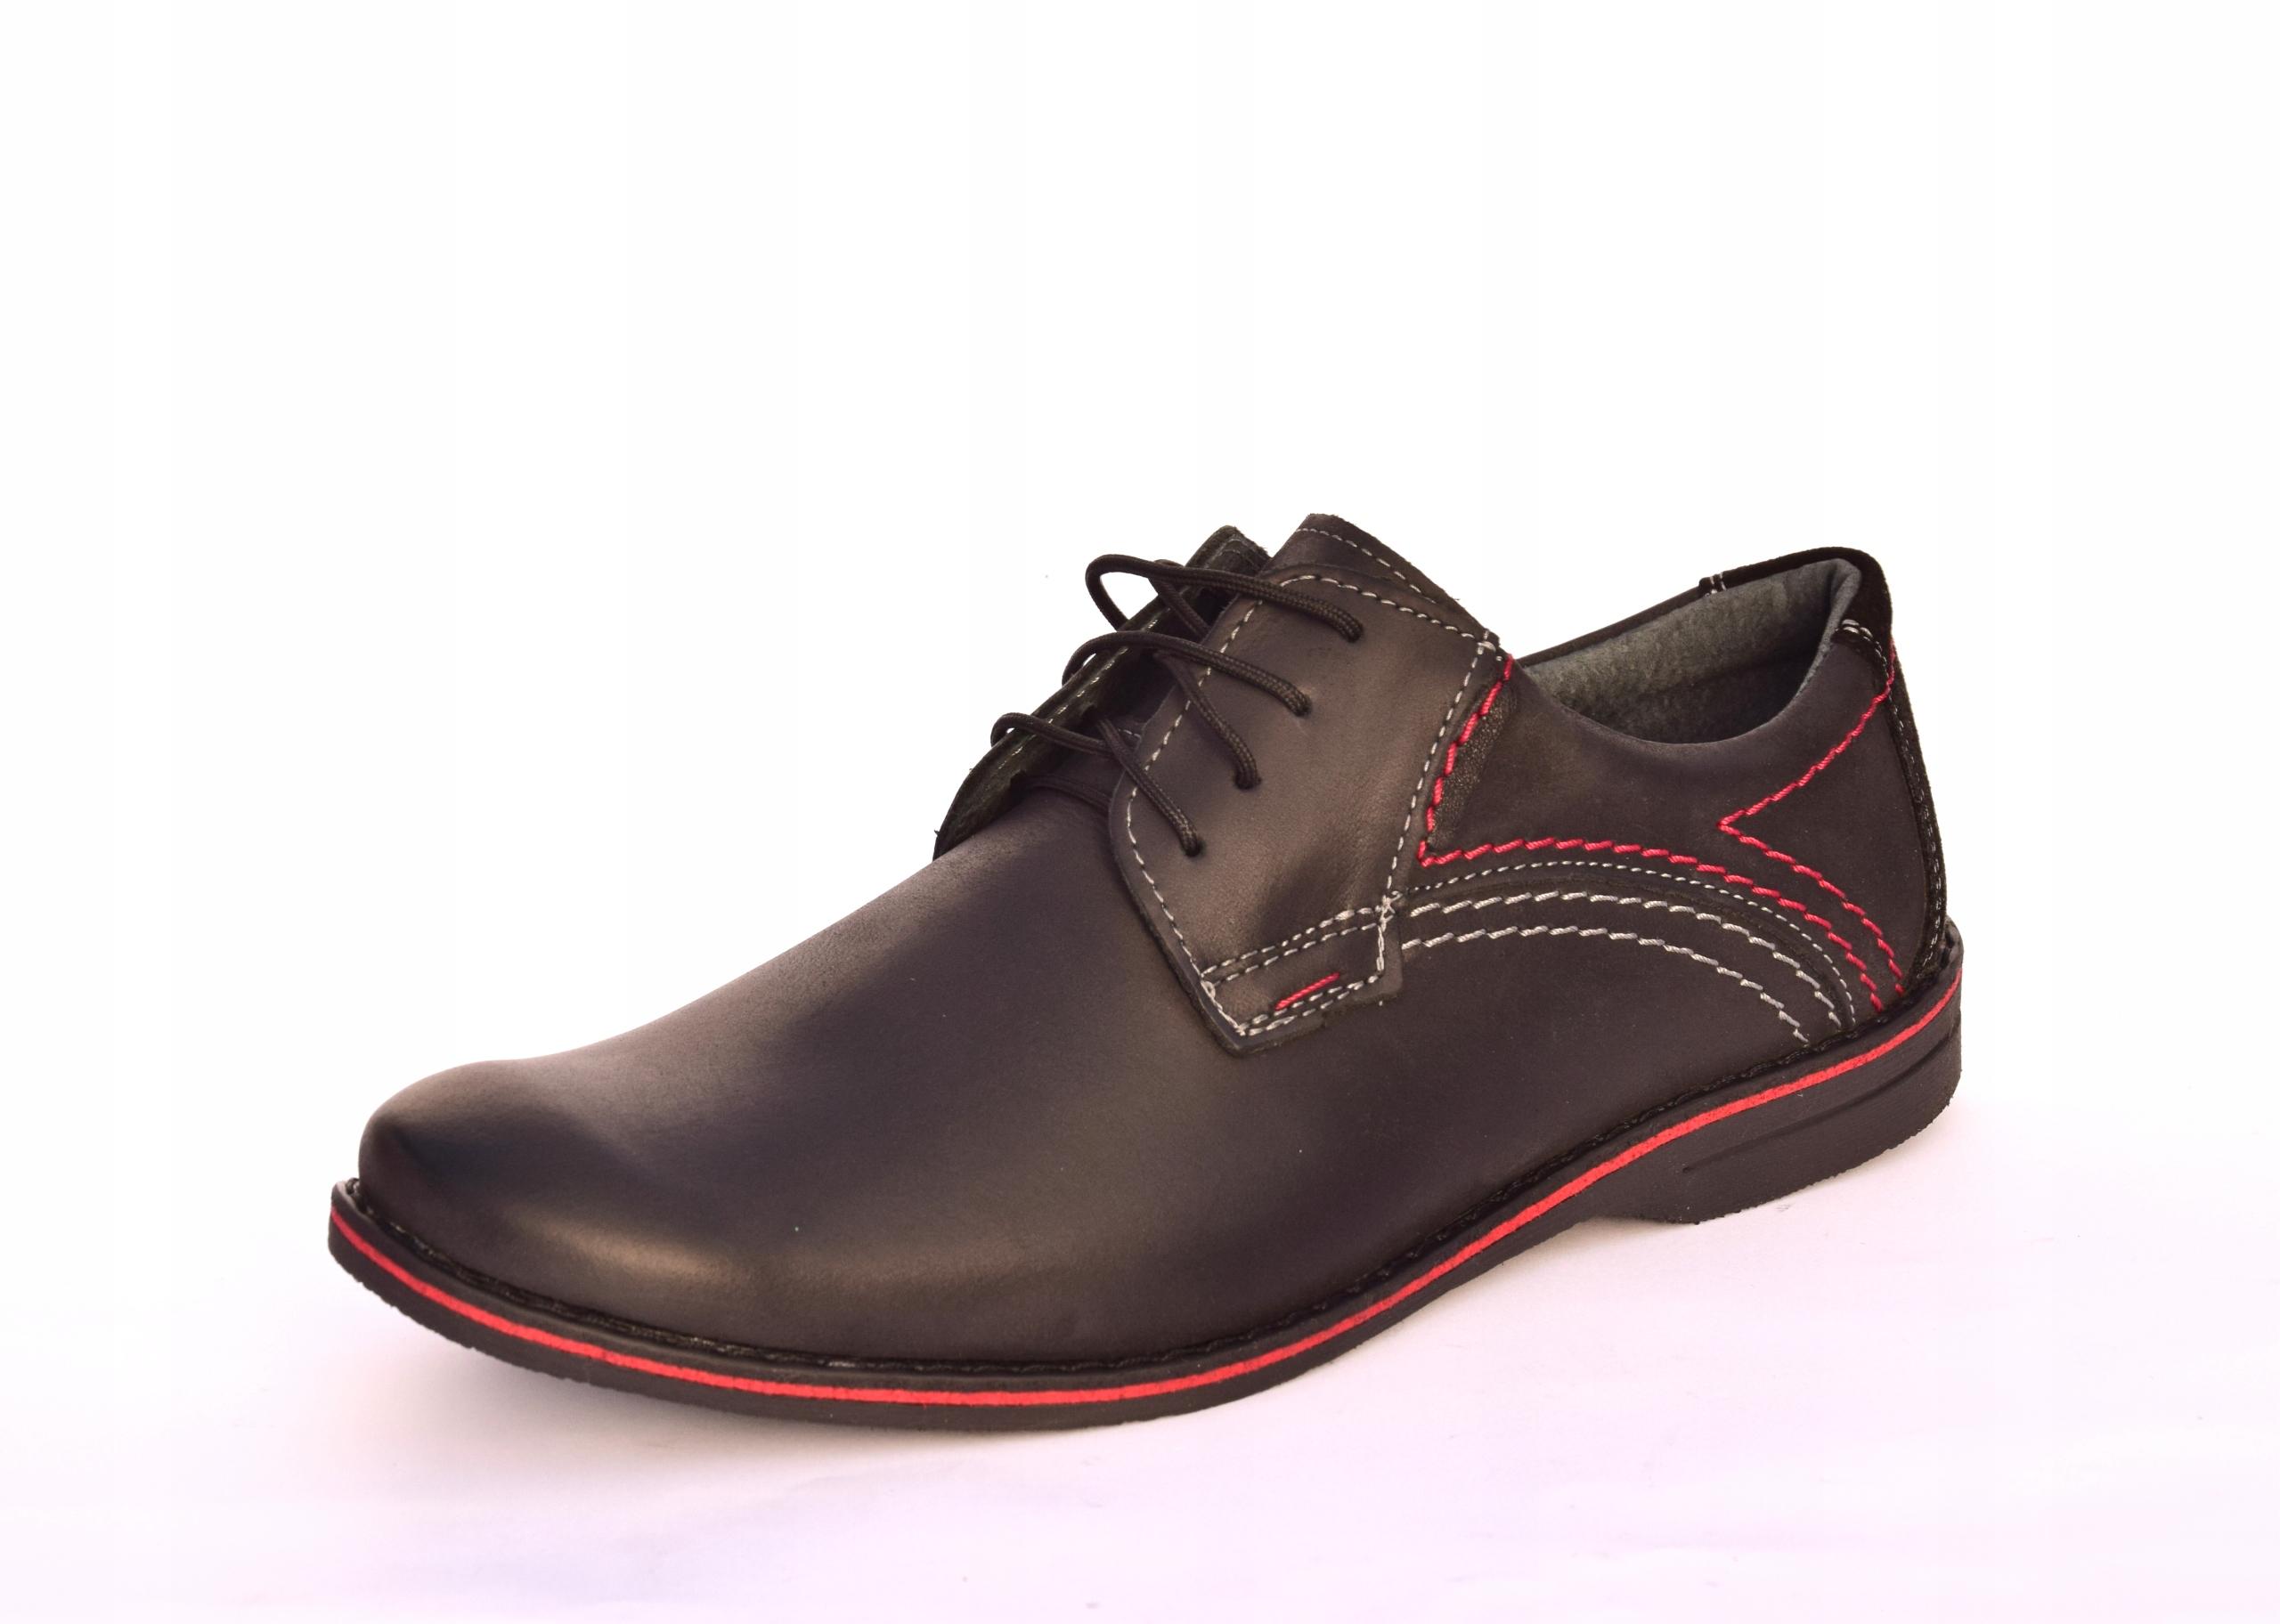 Buty męskie casual obuwie skórzane polskie 242